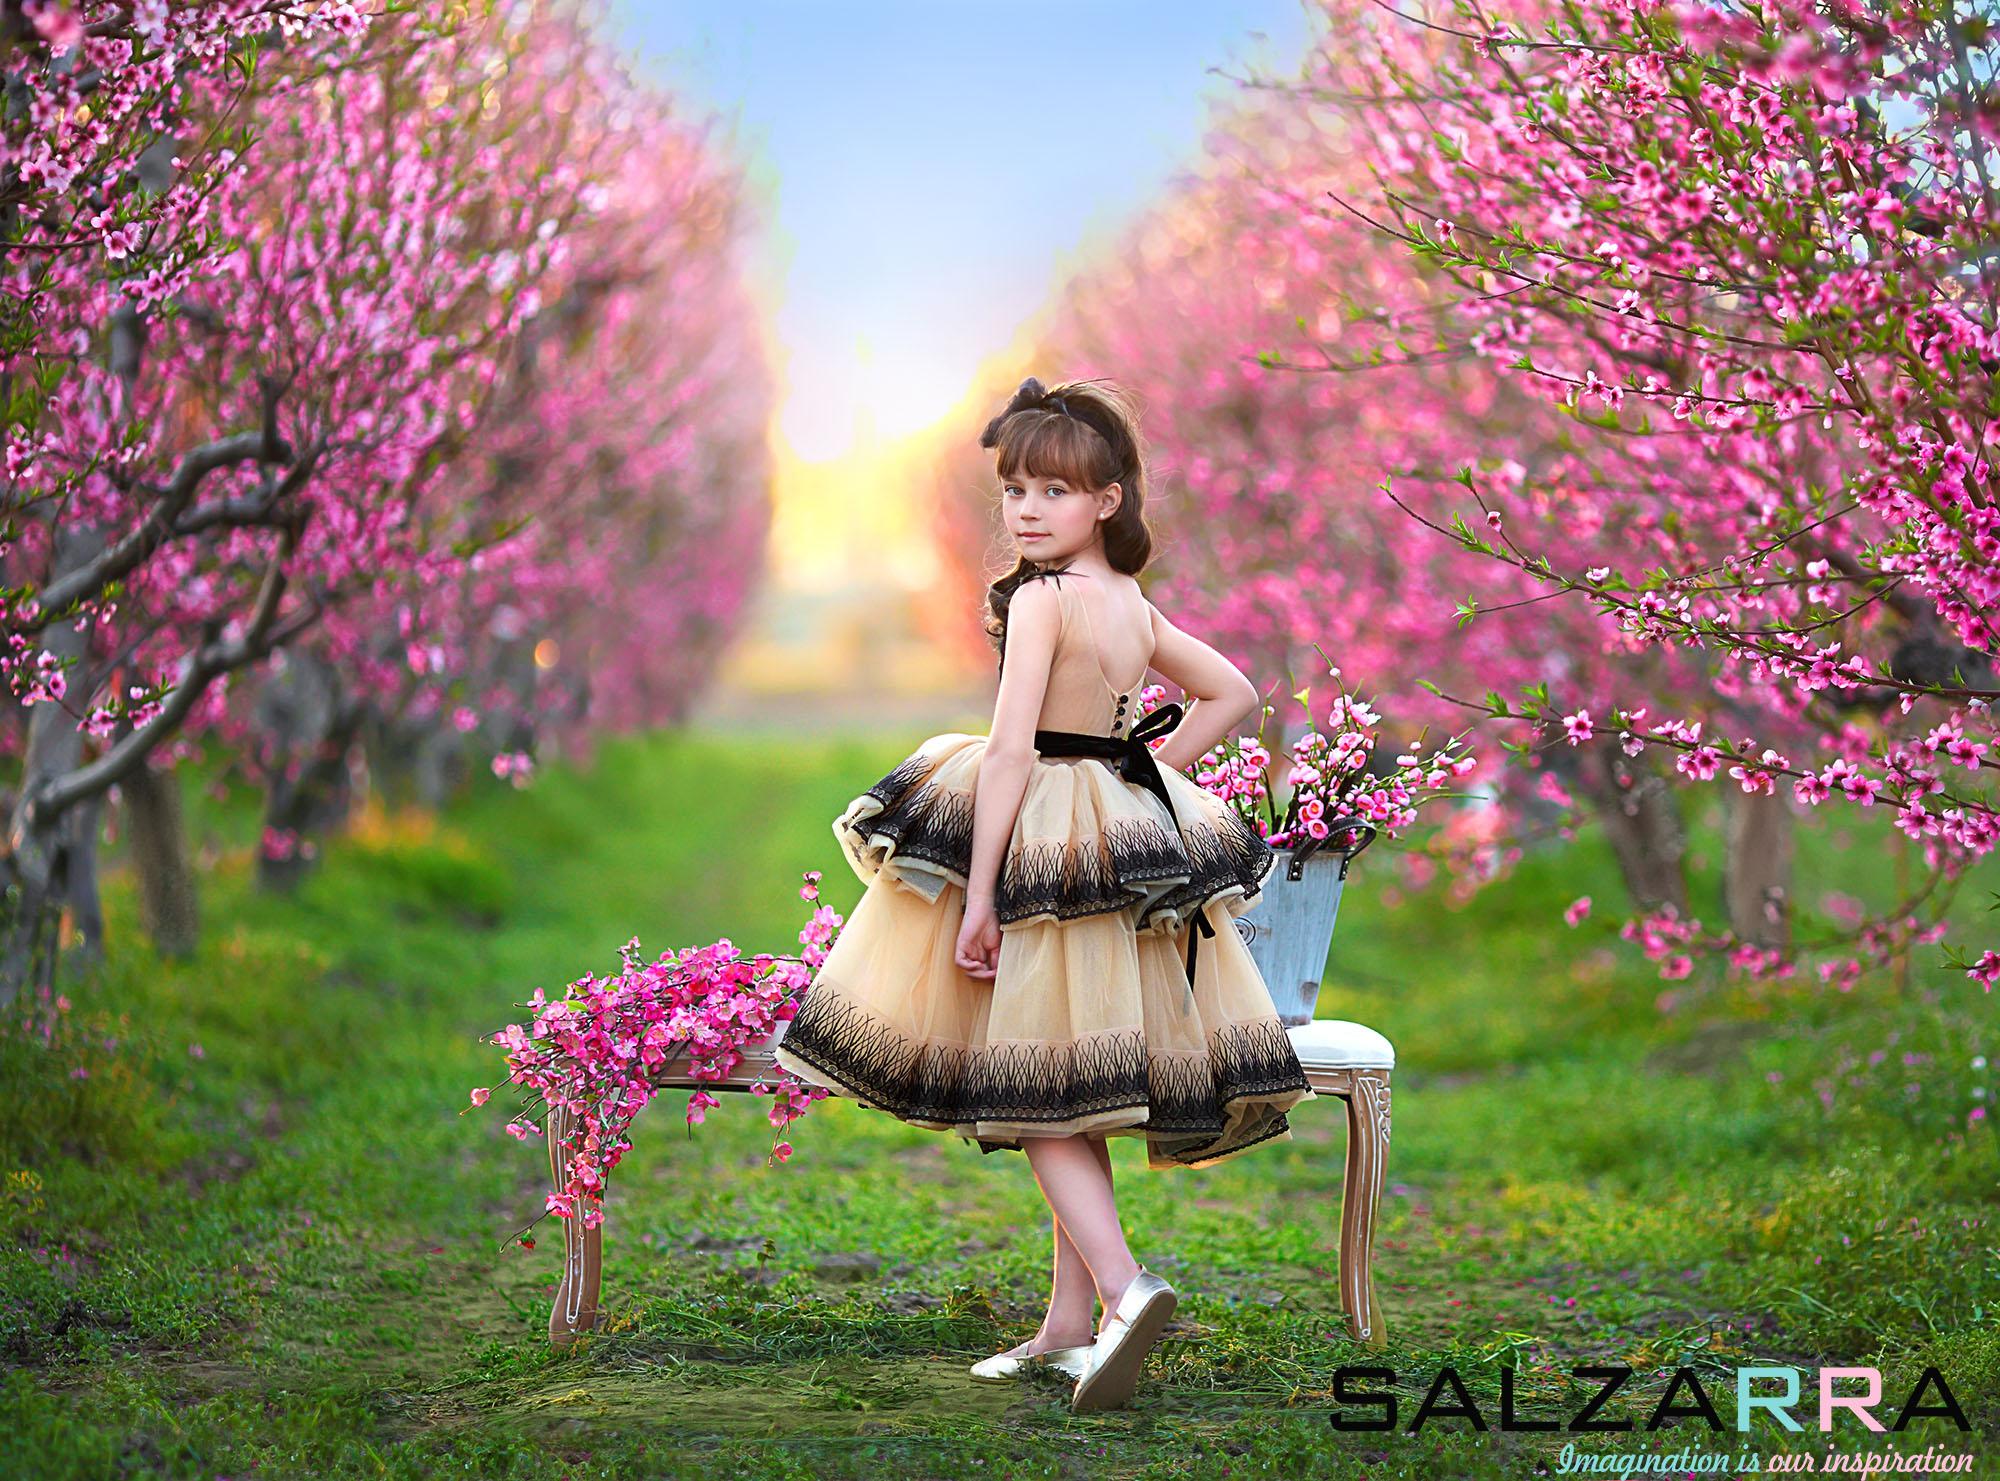 Детска рокля Salzarra от колекция Пролет-Лято 2017